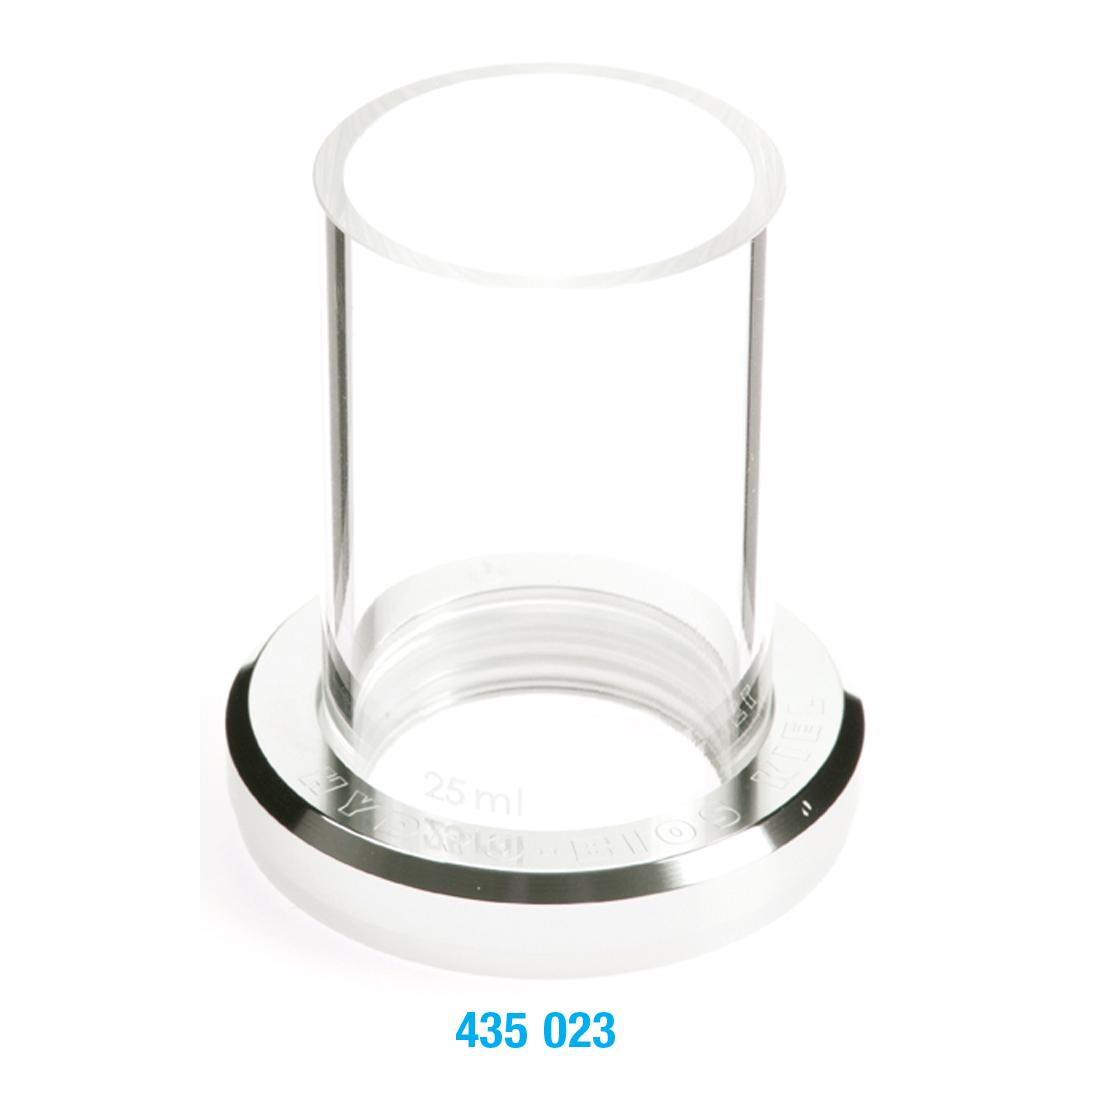 435023-tubular-plankton-chamber